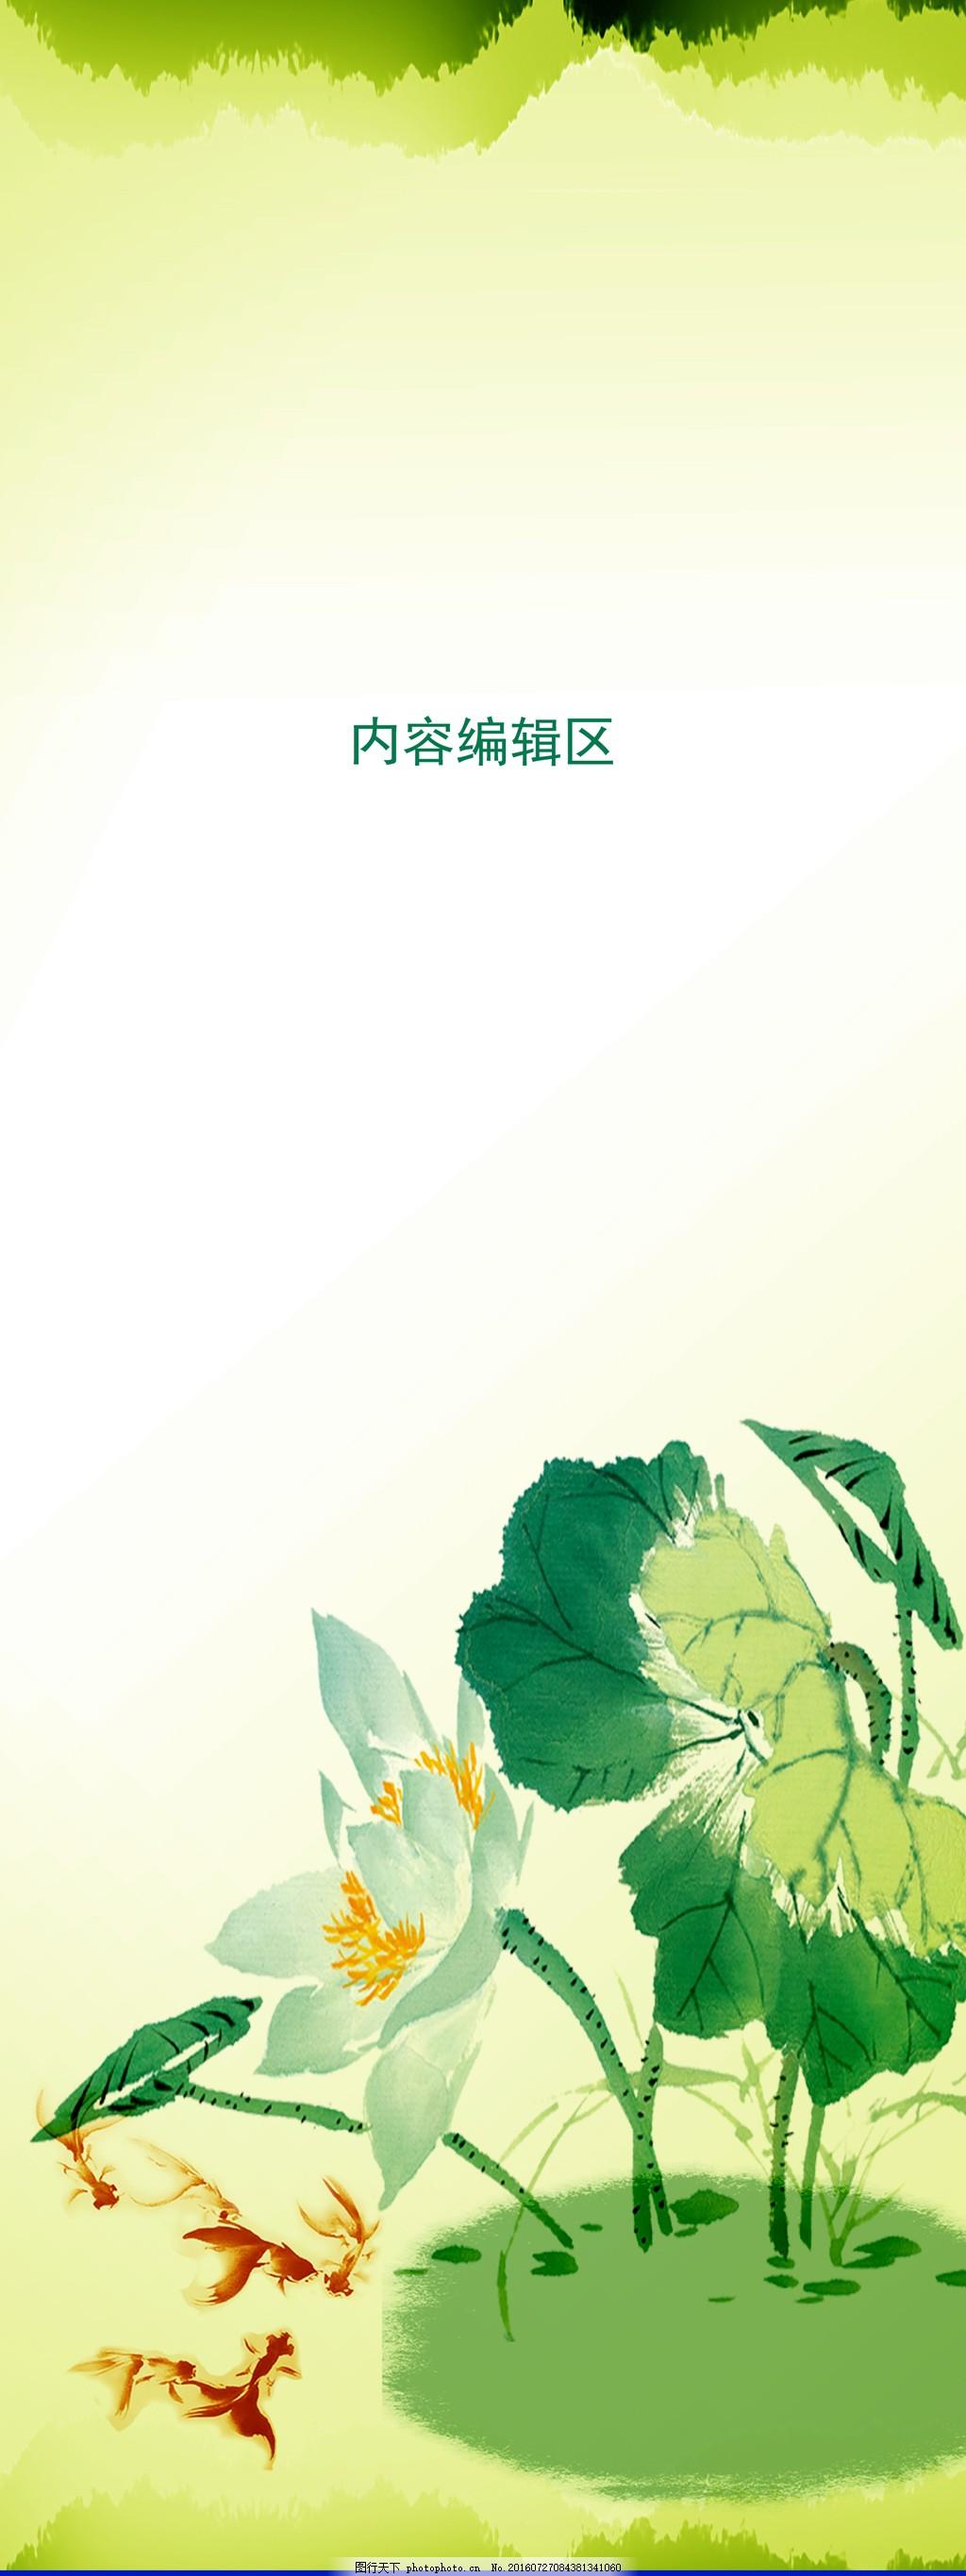 精美简约中国风水墨画展架设计模板素材 荷花 水墨荷花 古风展架